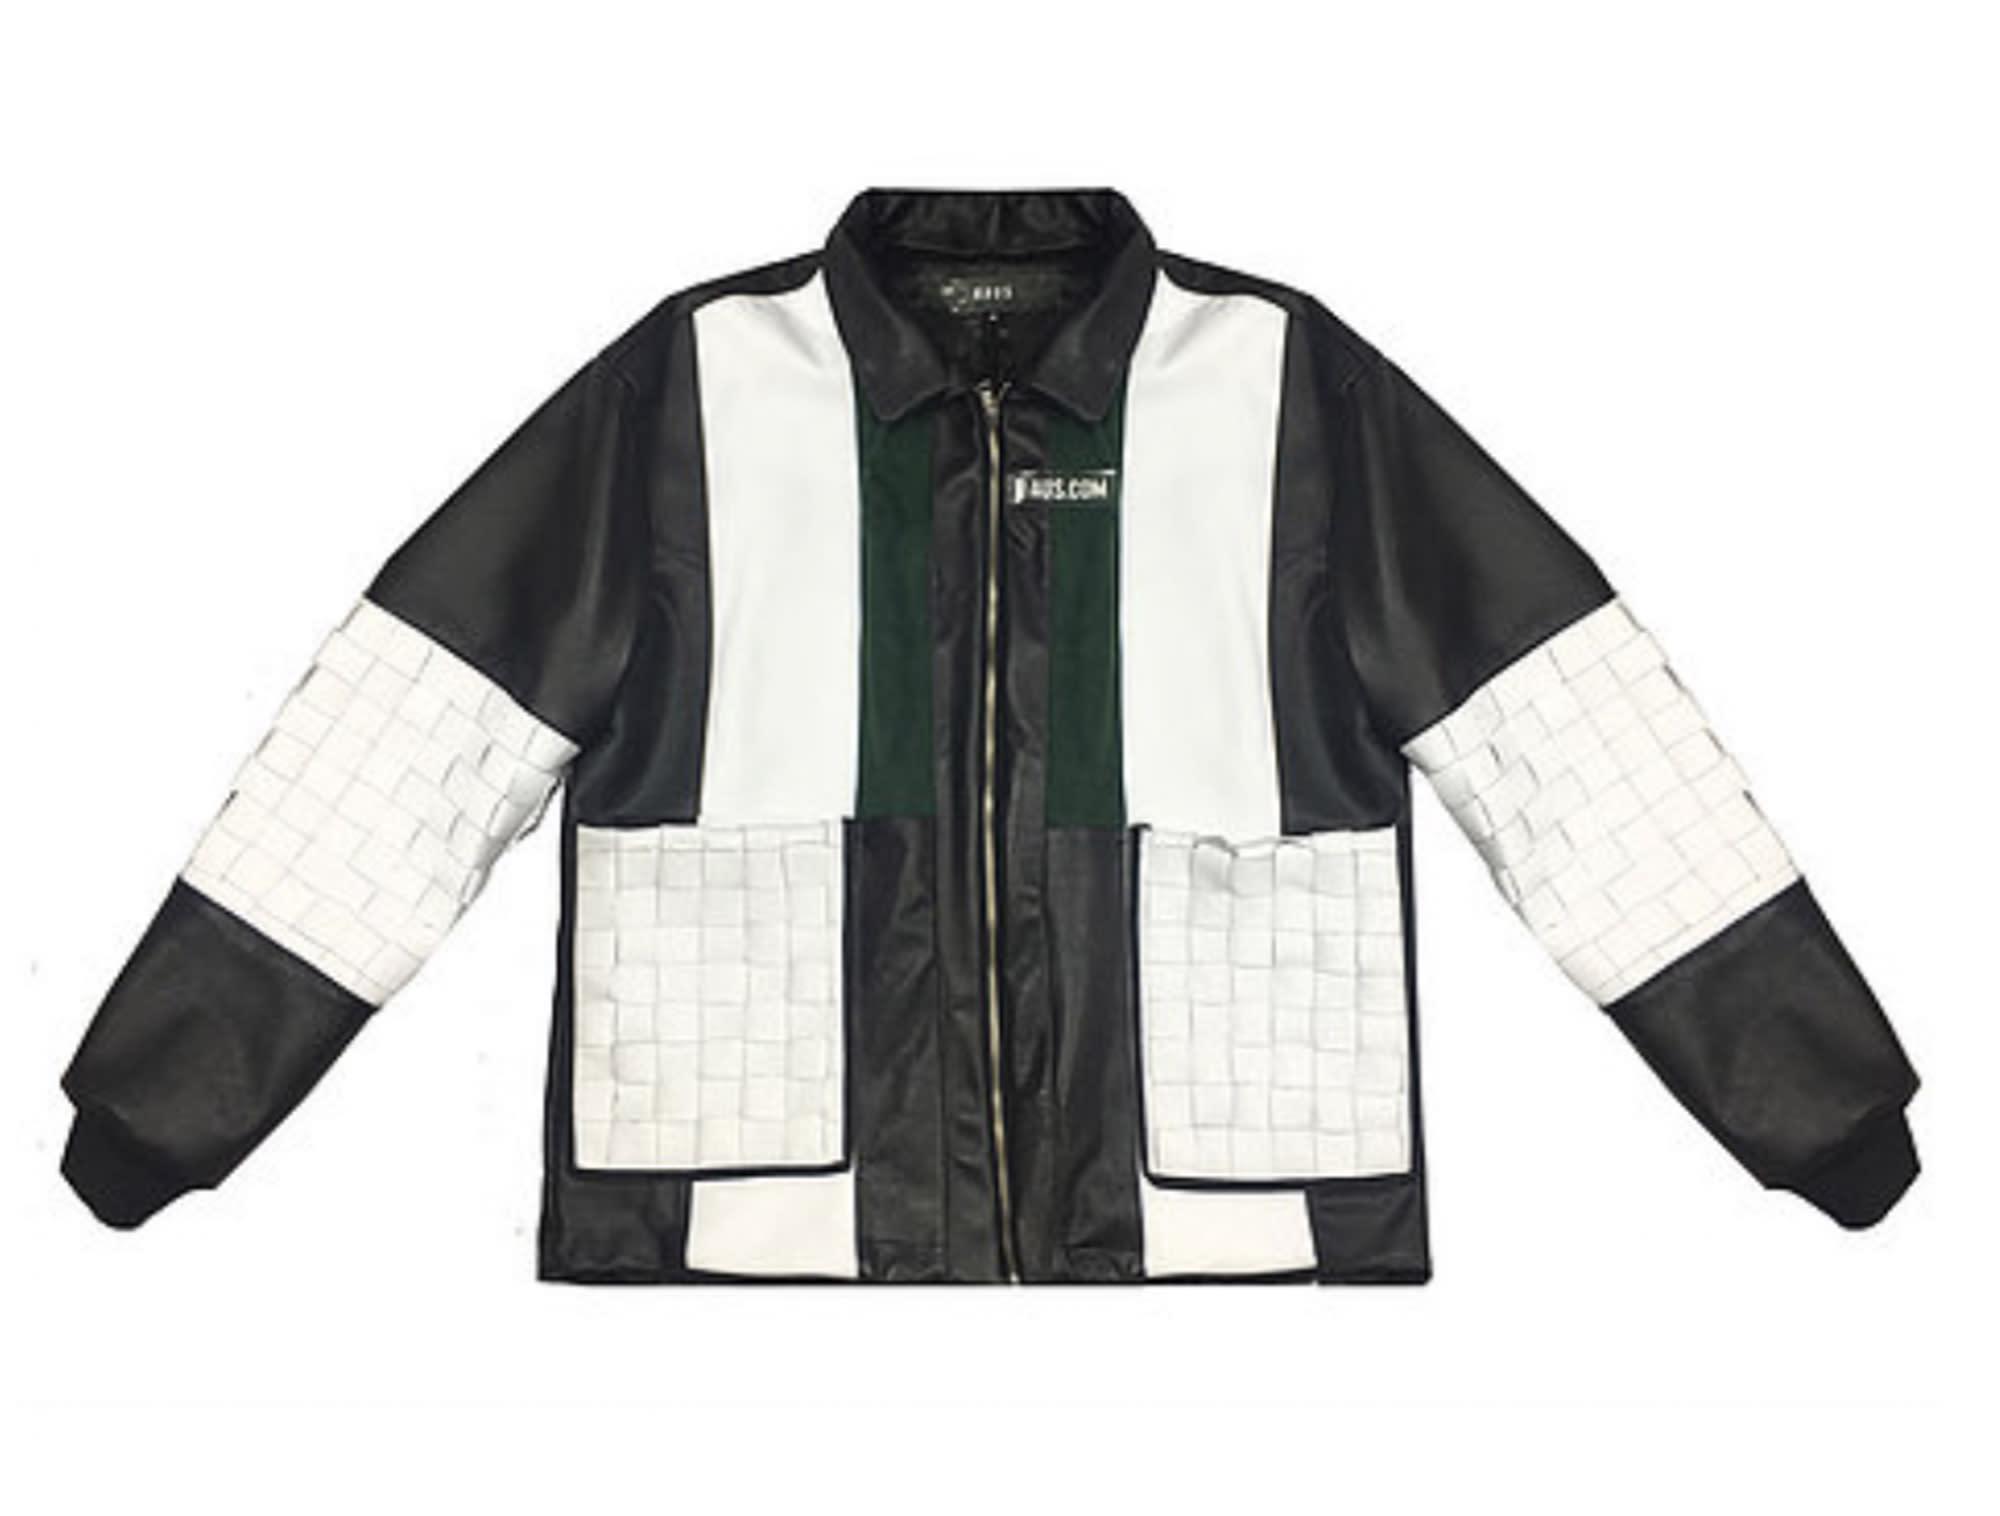 raus-jacket